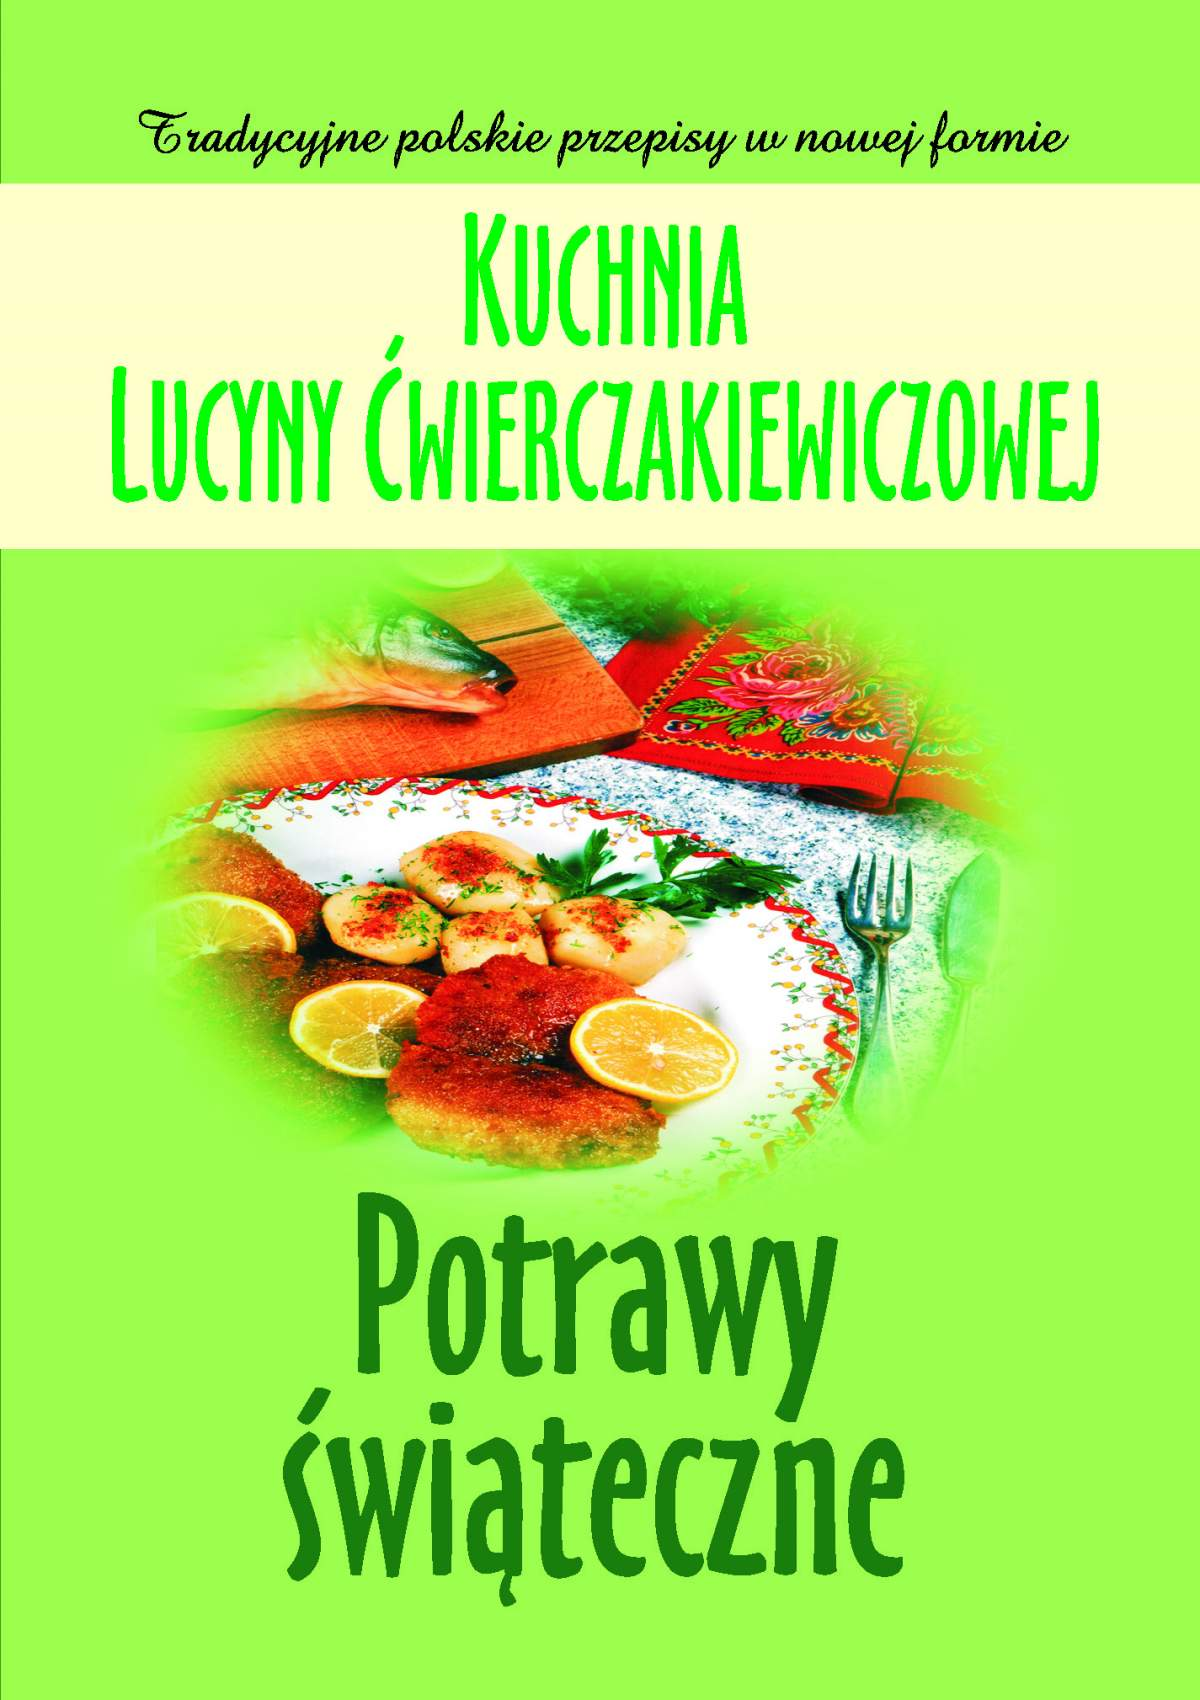 Kuchnia Lucyny Ćwierczakiewiczowej. Potrawy świąteczne - Ebook (Książka na Kindle) do pobrania w formacie MOBI